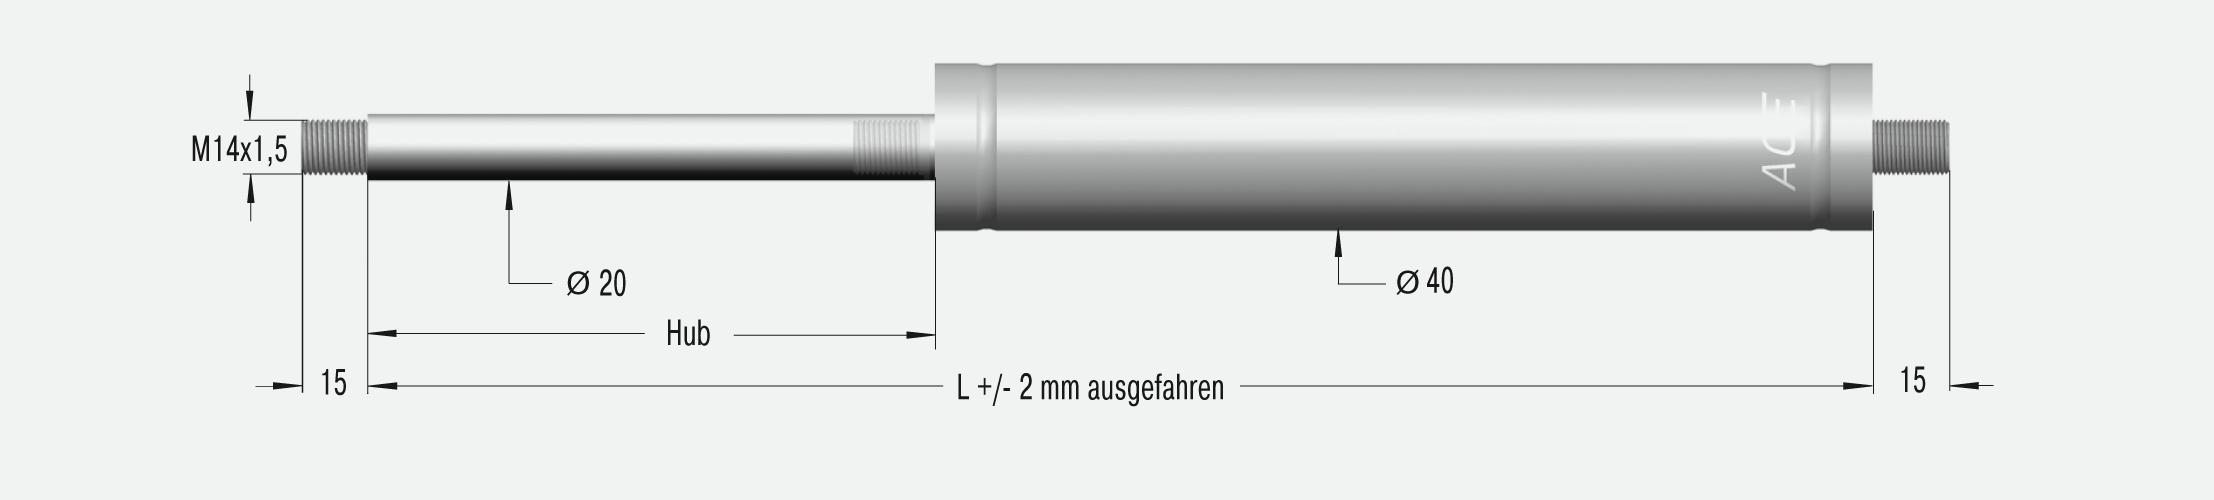 GS-40-400-V4A